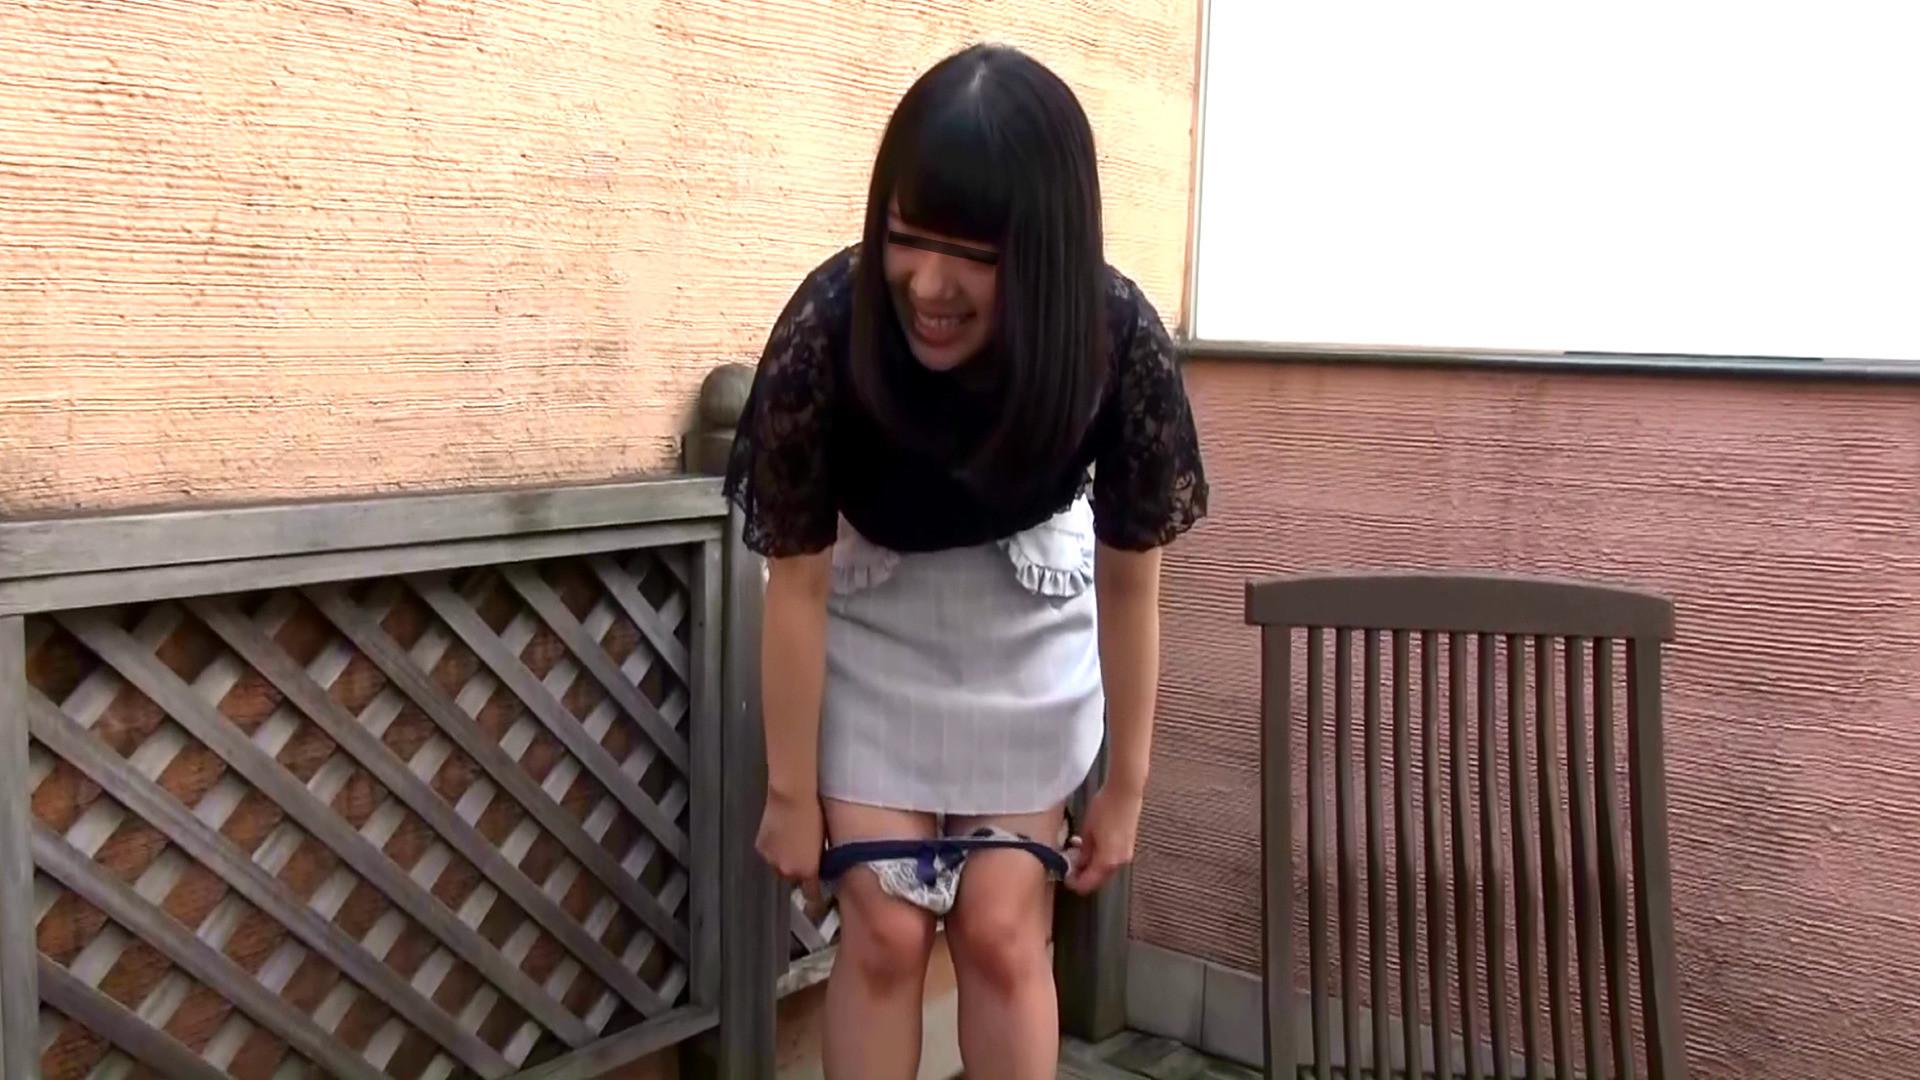 素人娘たちの使用済み下着と今穿いてる温もり汚パンティー